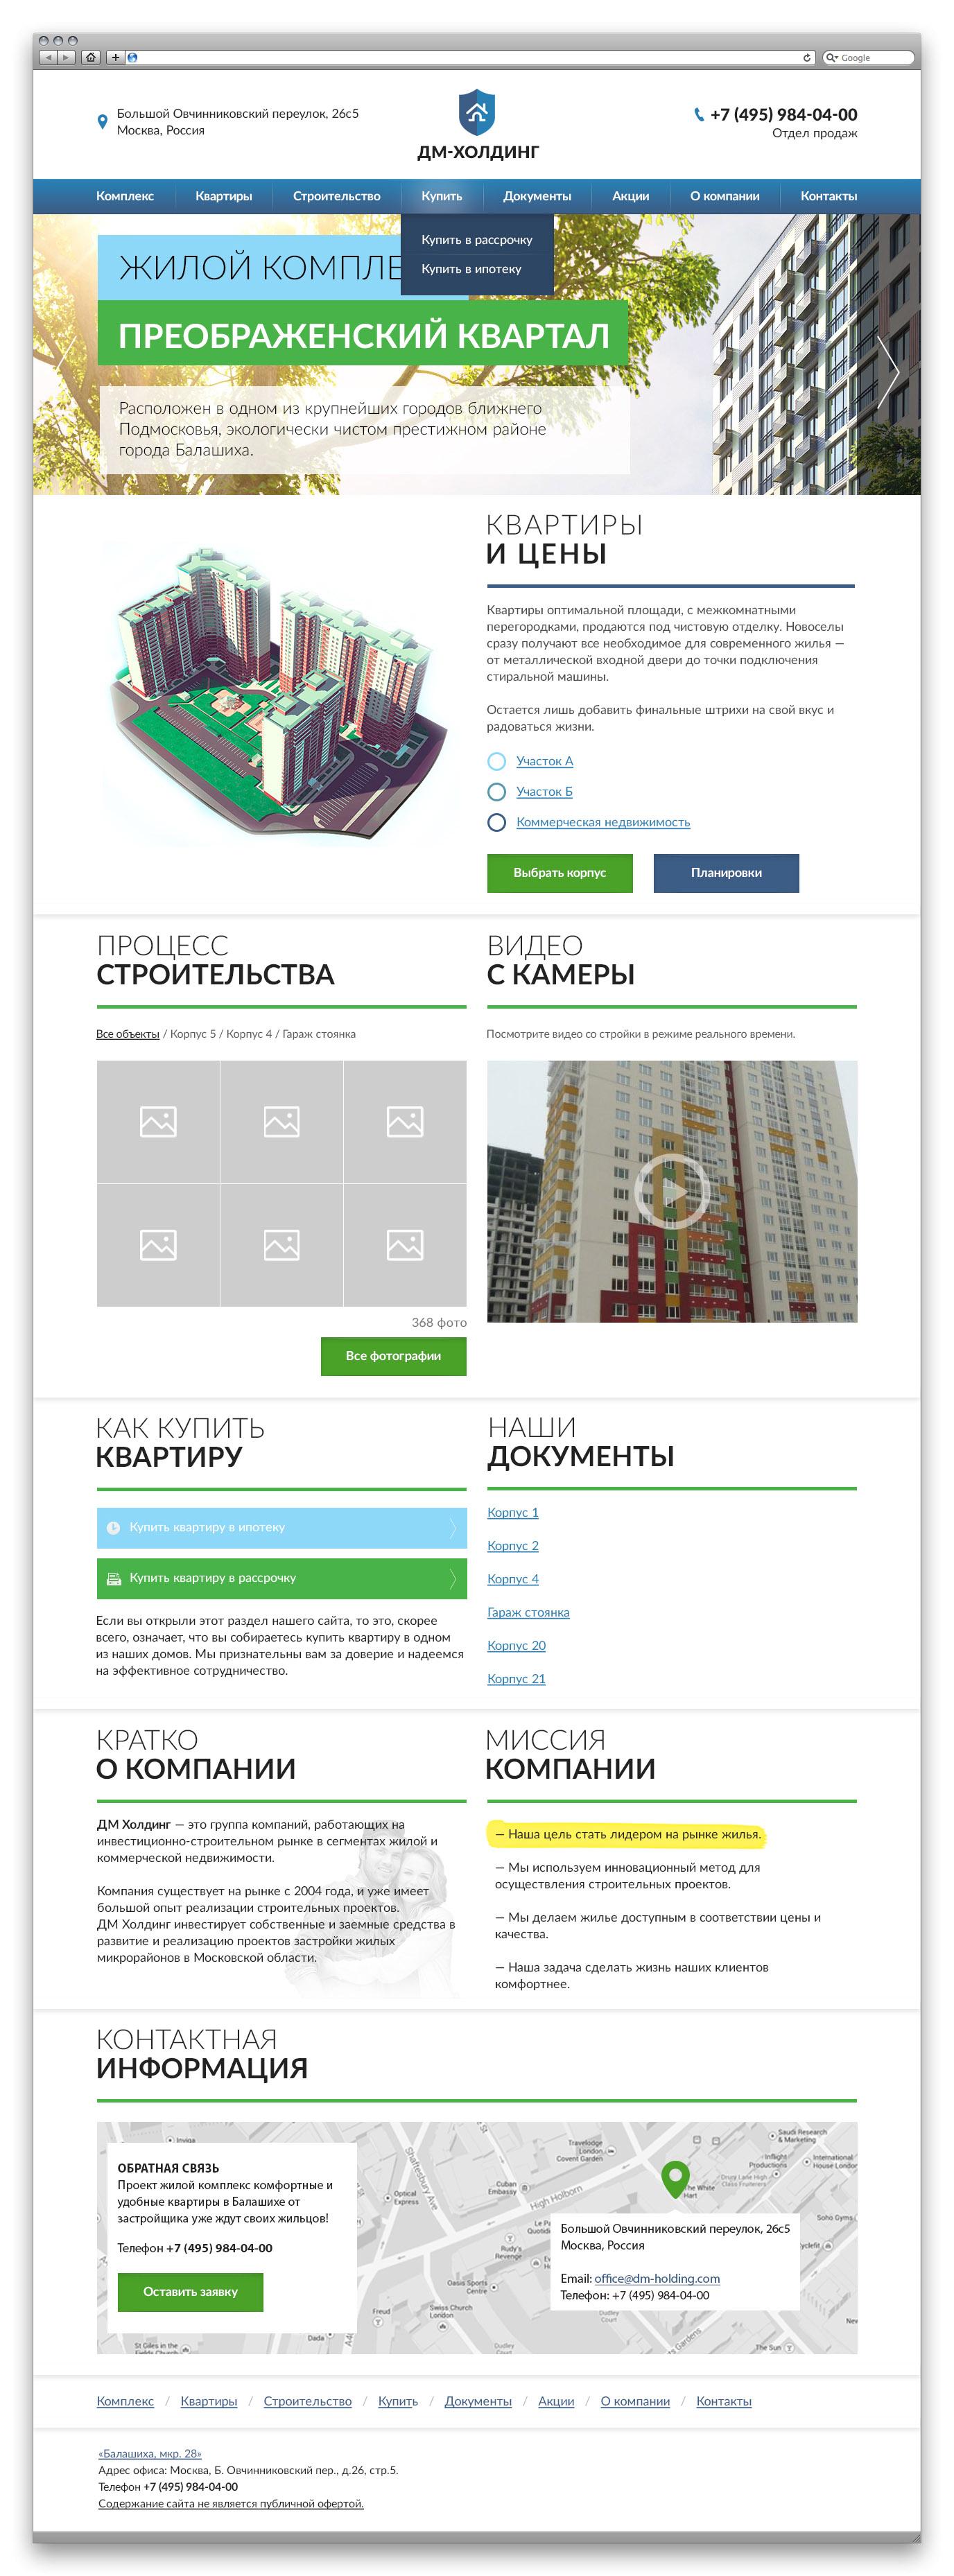 Редизайн сайта компании застройщика фото f_97155192181e845c.jpg